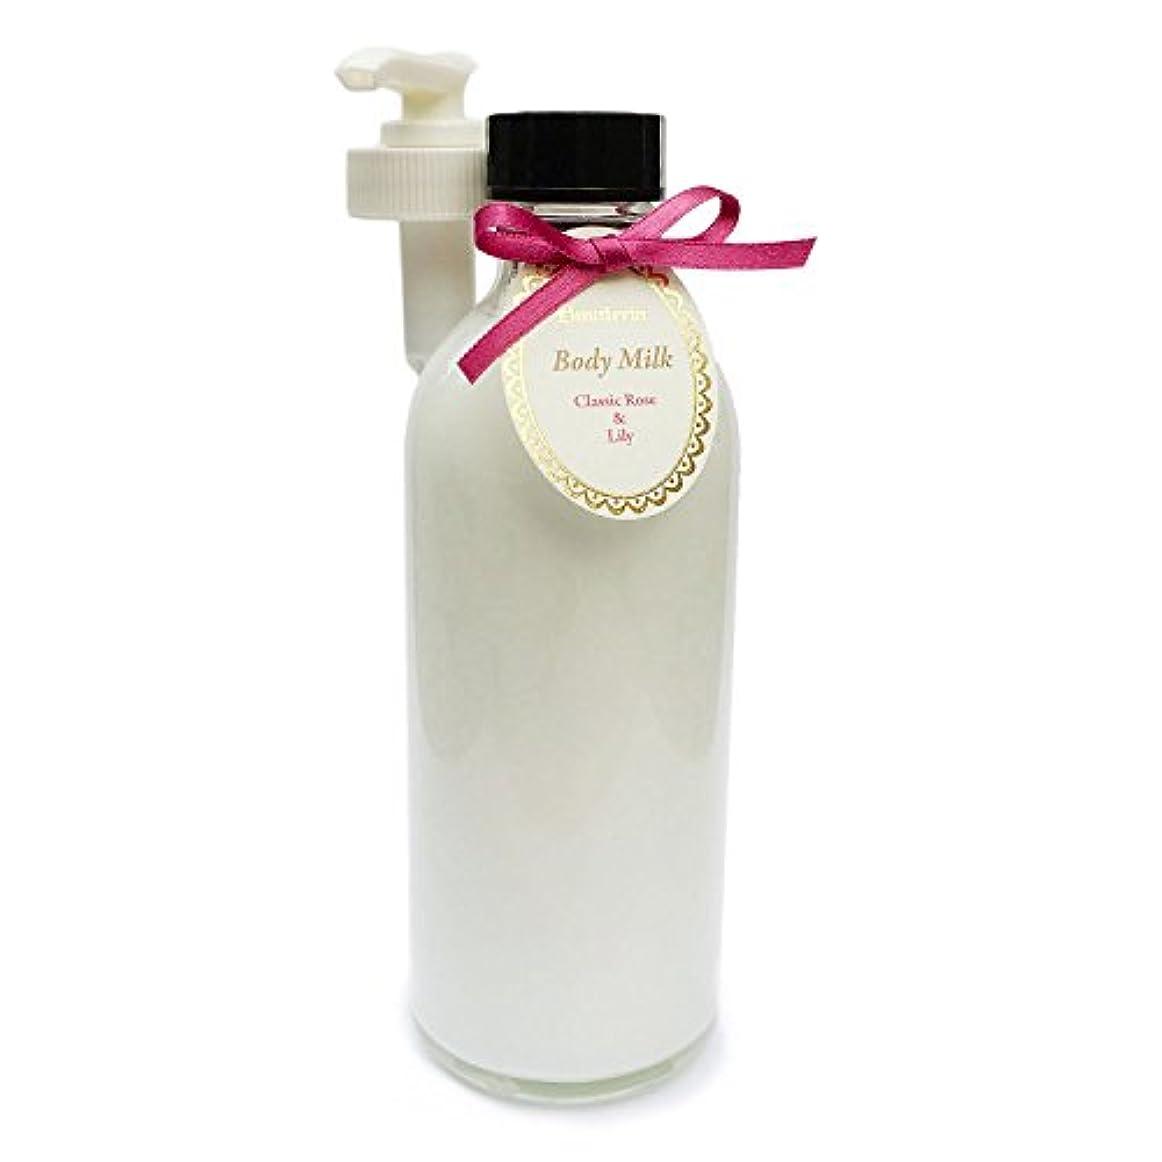 所持プラットフォームクリープD materia ボディミルク クラシックローズ&リリー Classic Rose&Lily Body Milk ディーマテリア